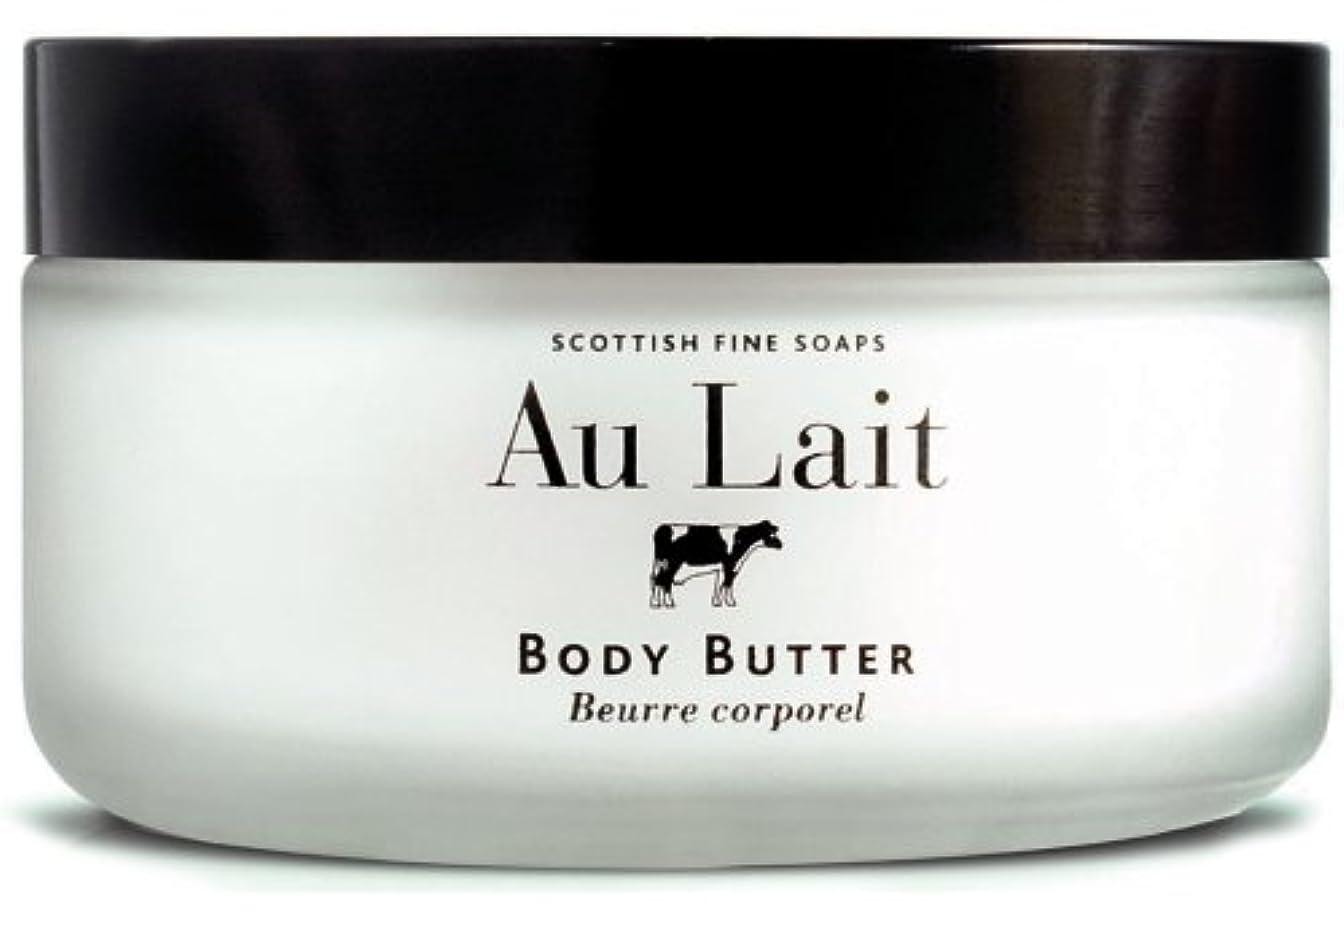 独立して前方へオレンジSCOTTISH FINE SOAPS (スコティッシュファインソープ) Au Lait ボディバター